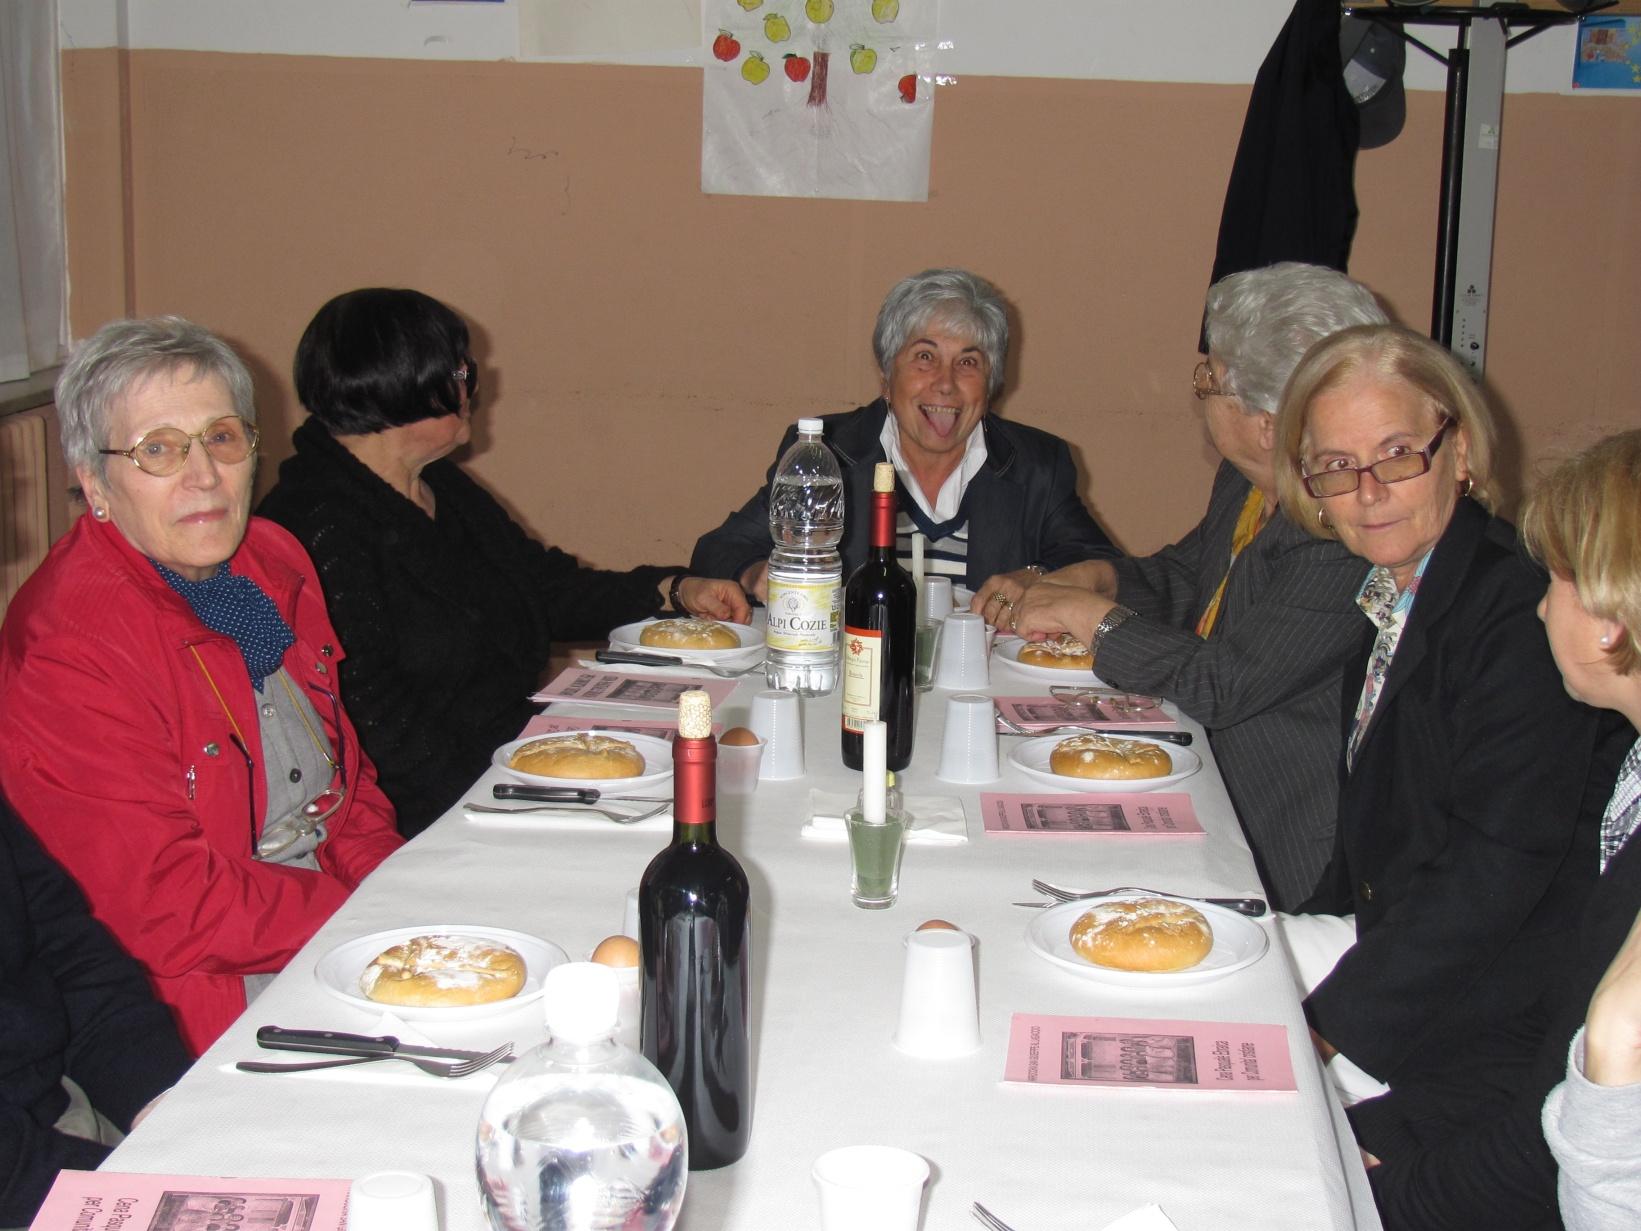 cena_ebraica-2011-04-20-19-21-06